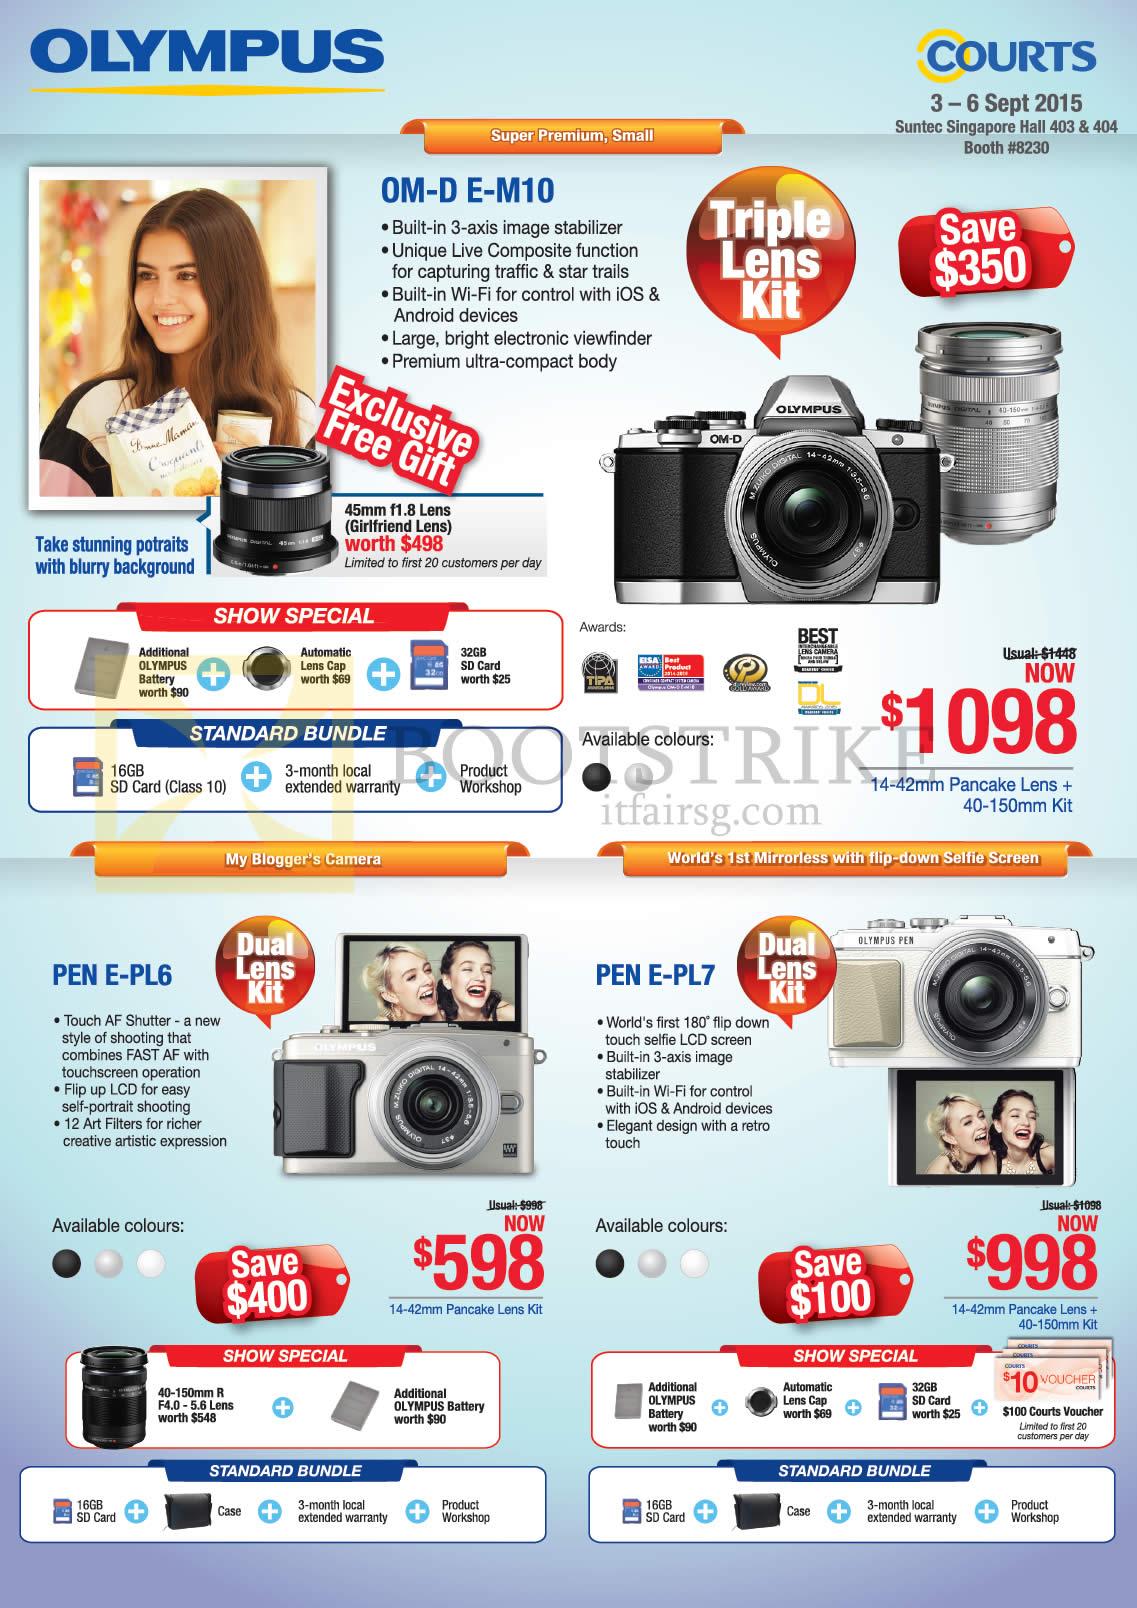 Olympus Digital Cameras OM-D E-M10, Pen E-PL6, Pen E-PL7